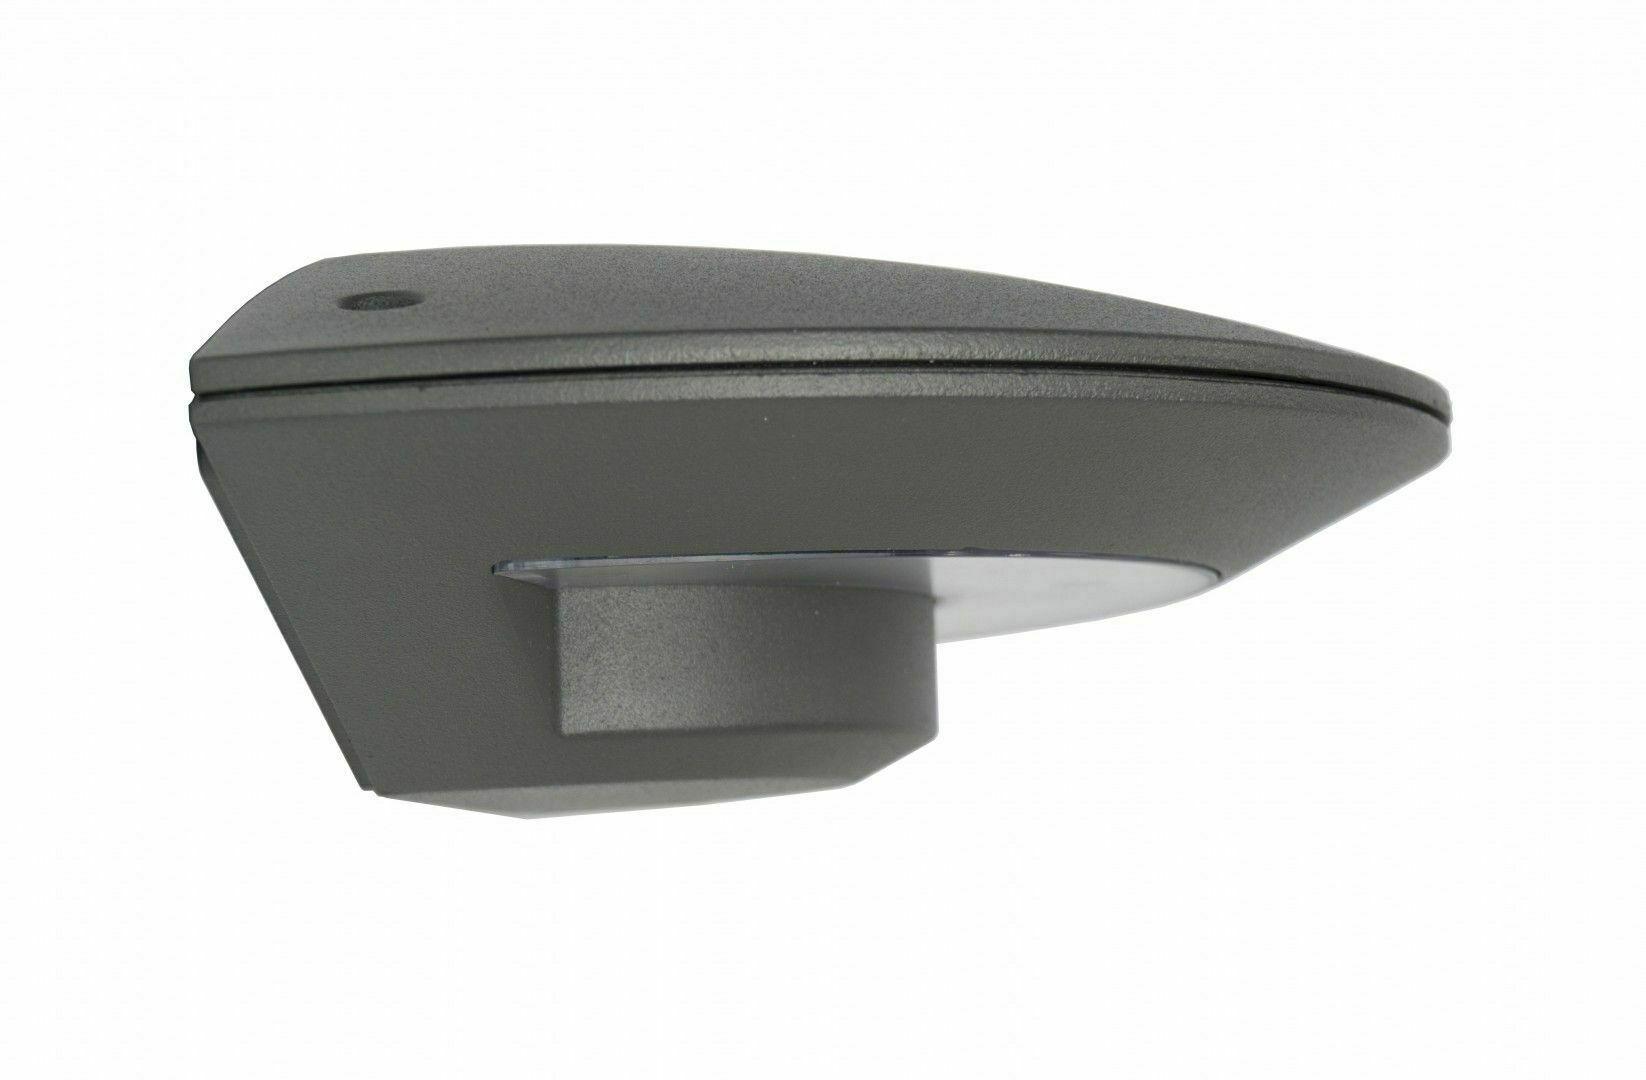 Kinkiet zewnętrzny LEDowy UFO 91303-LED